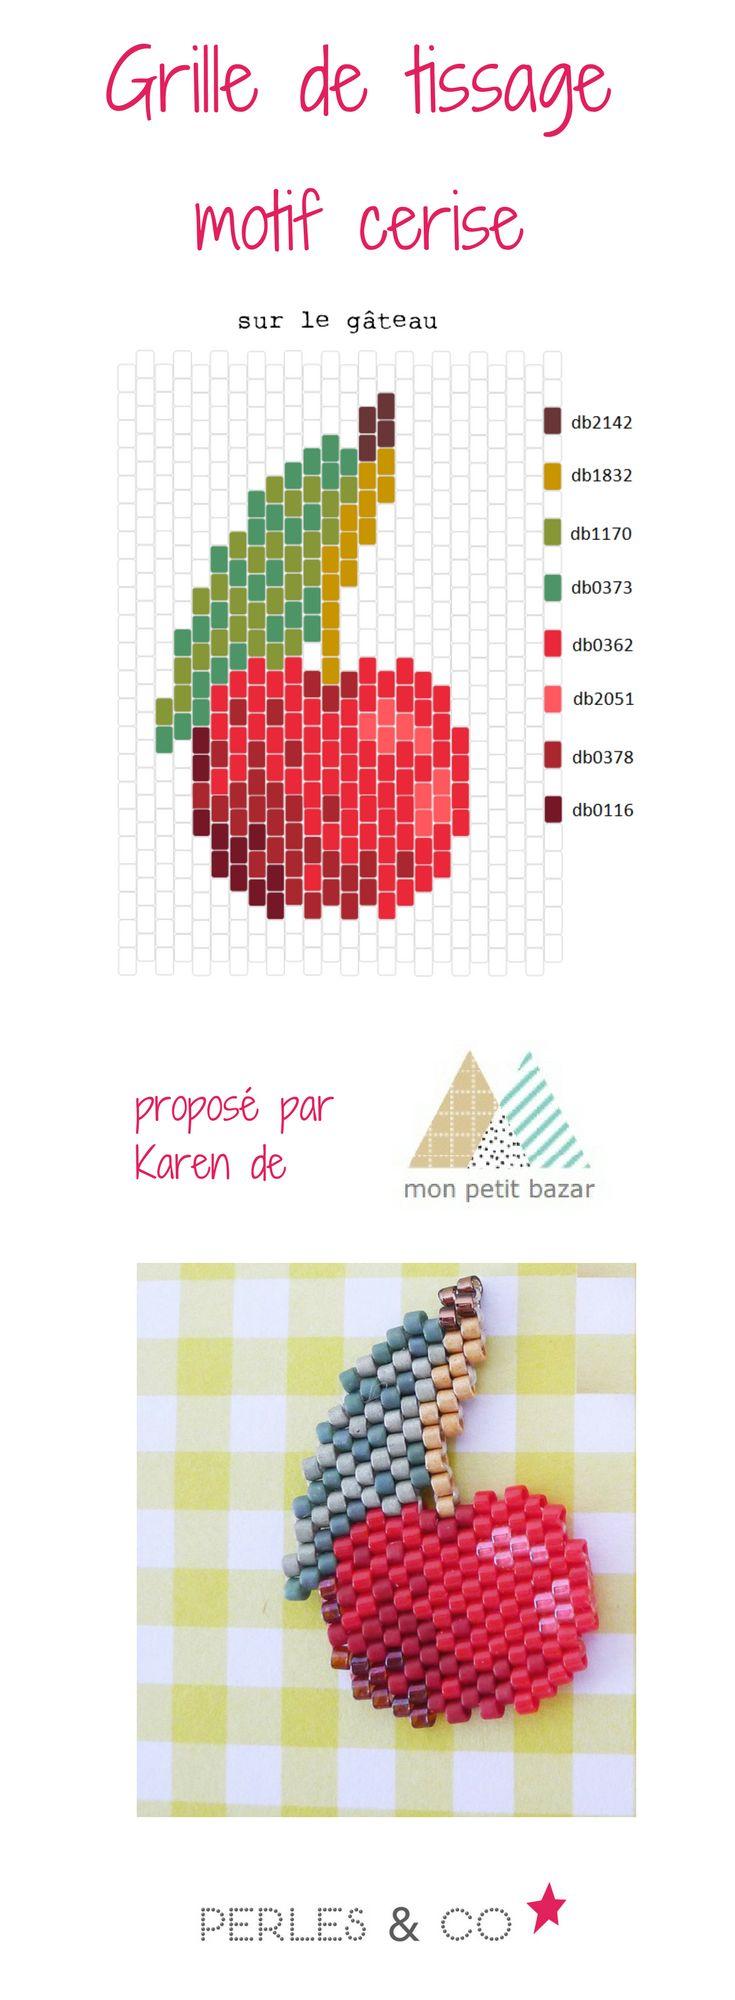 """Quel est votre fruit rouge préféré? La cerise peut être ? Et bien, Karen du blog Mon petit bazar vous propose de tisser avec des perles Miyuki un motif cerise, qu'elle appelle """"sur le gâteau"""".   Ce motif peut être réalisé avec les techniques brickstitch ou peyote.  Retrouvez le tutoriel sur le site de Perles & Co >> https://www.perlesandco.com/Diagramme_cerise_en_perles_Miyuki_Delicas_par_Mon_petit_bazar-s-2770-47.html"""